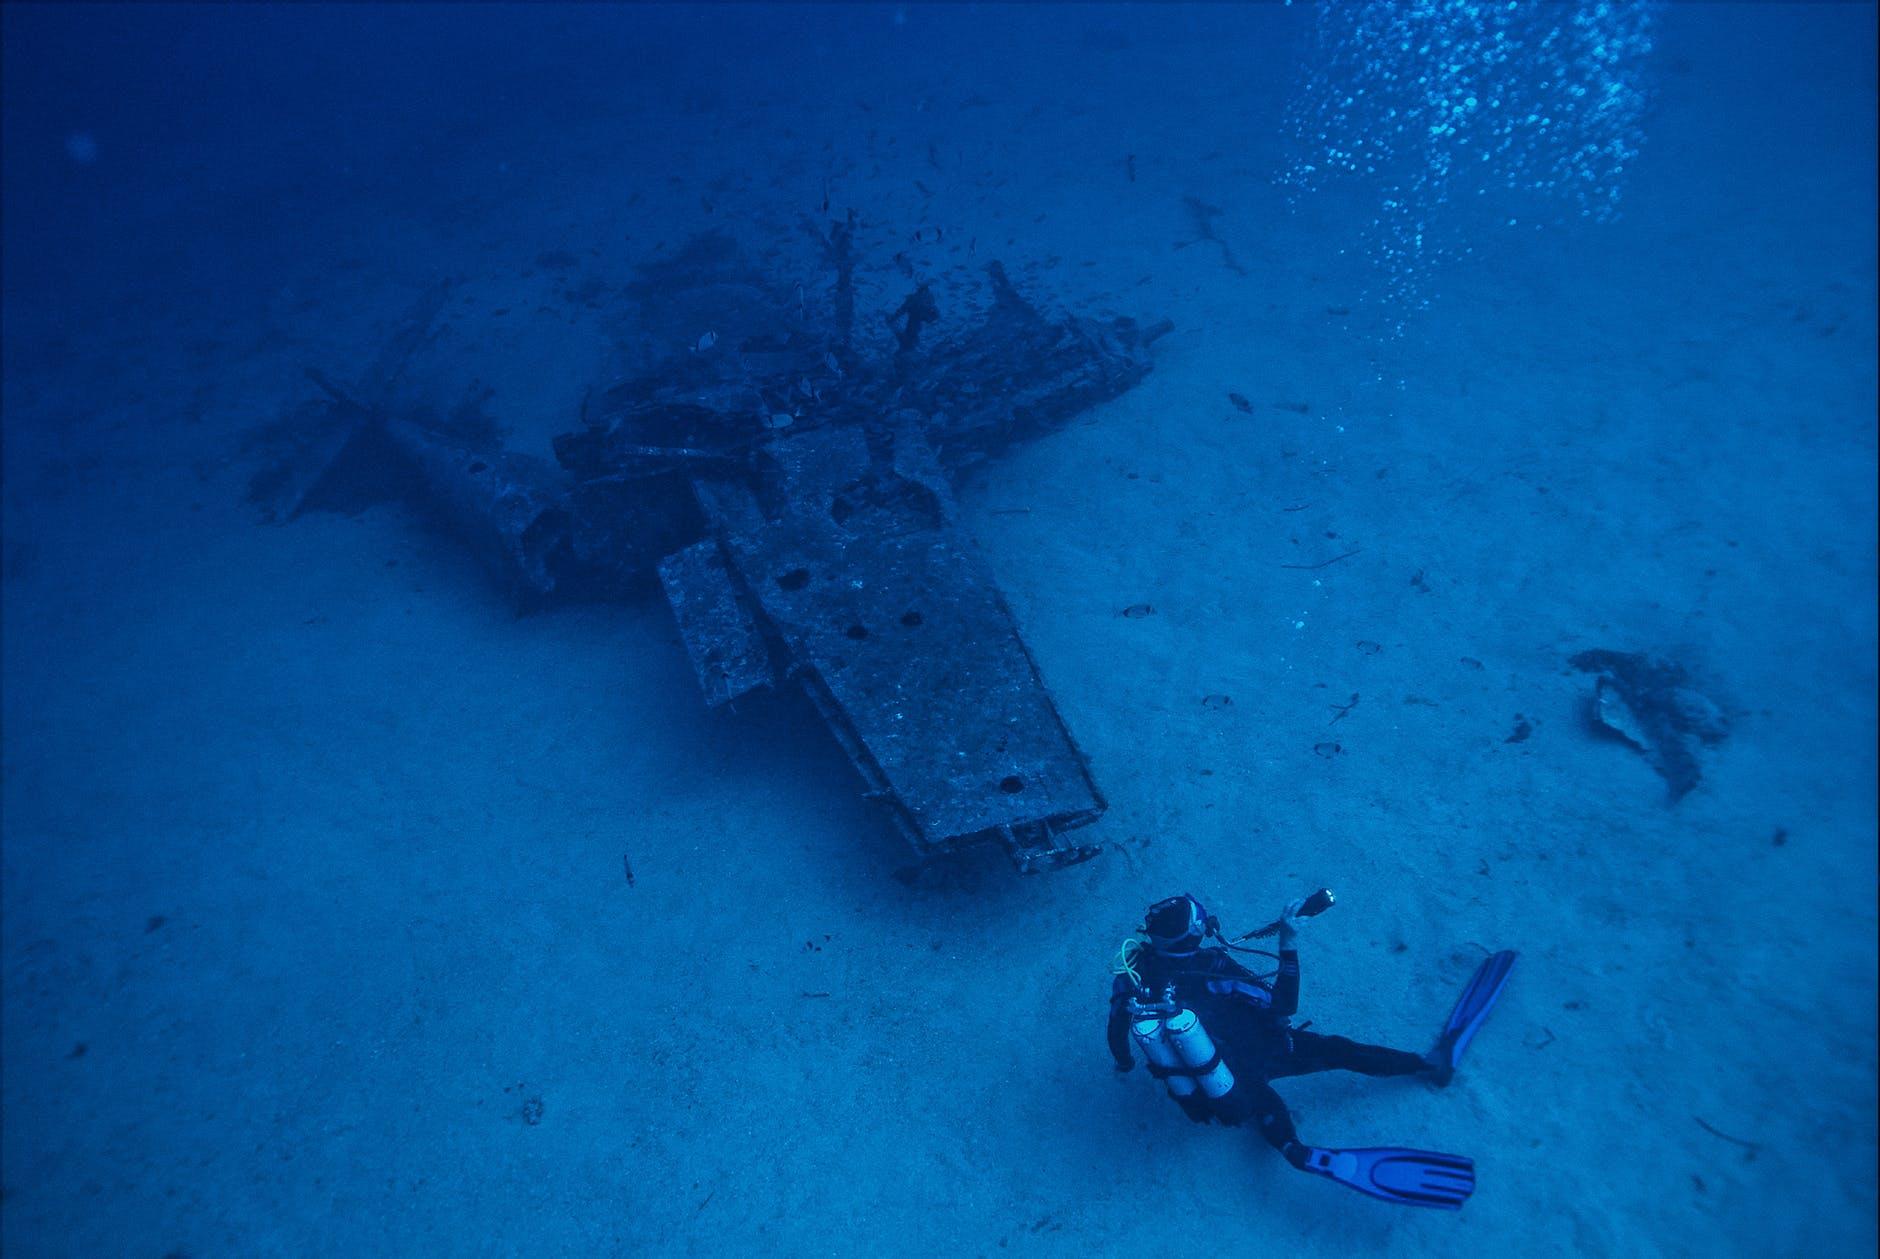 photo of person scuba diving near wreckage